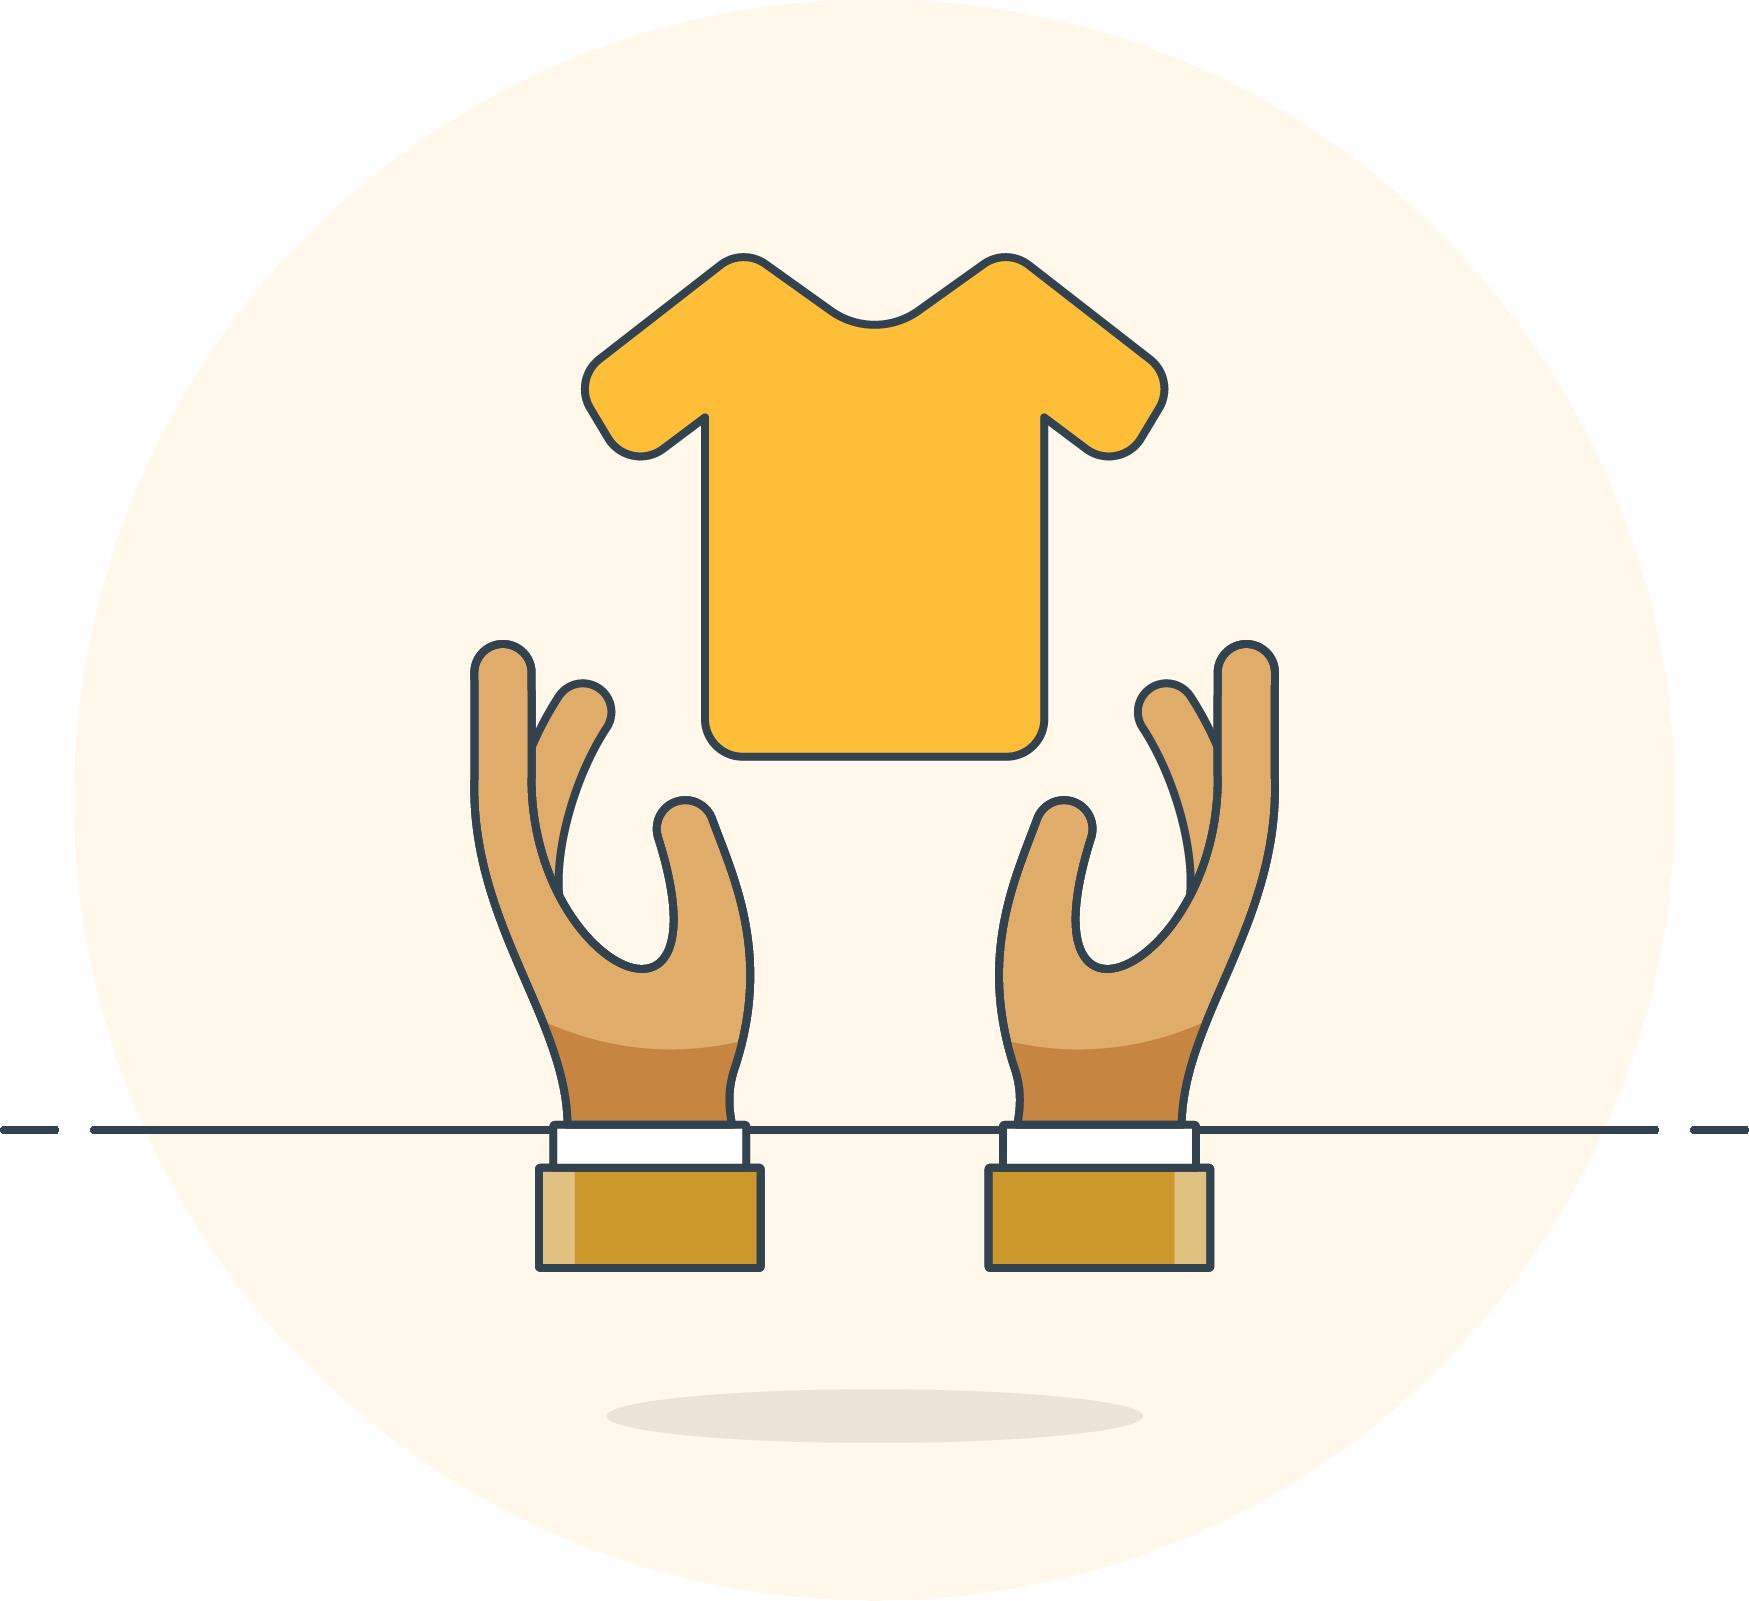 Sendle online t-shirt business